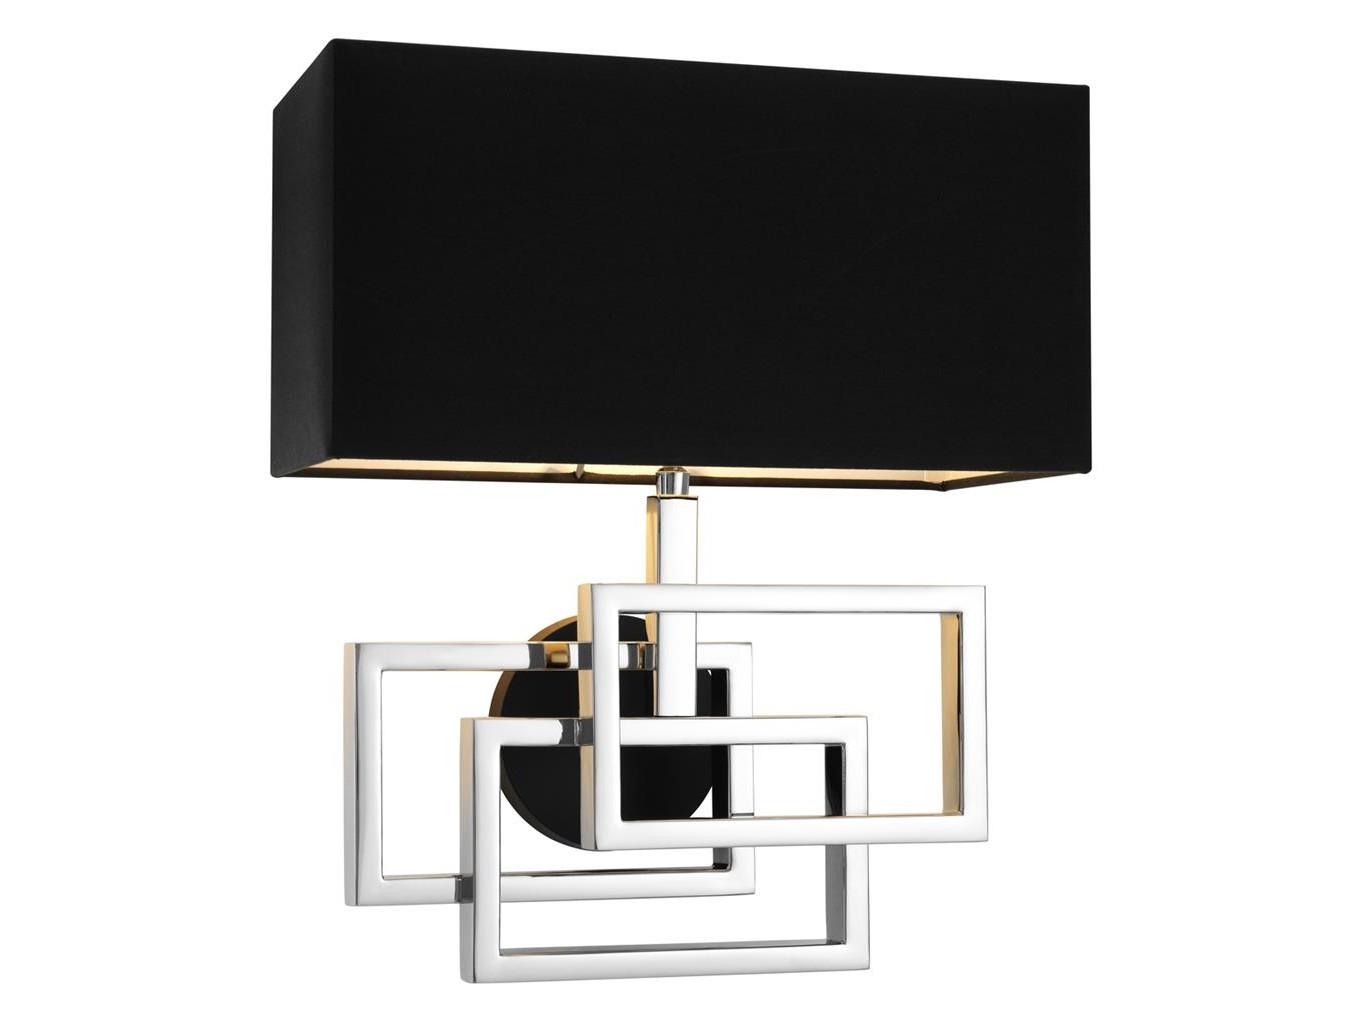 Настенный светильник WindolfБра<br><br><br>Material: Текстиль<br>Ширина см: 35.0<br>Высота см: 38.0<br>Глубина см: 18.0